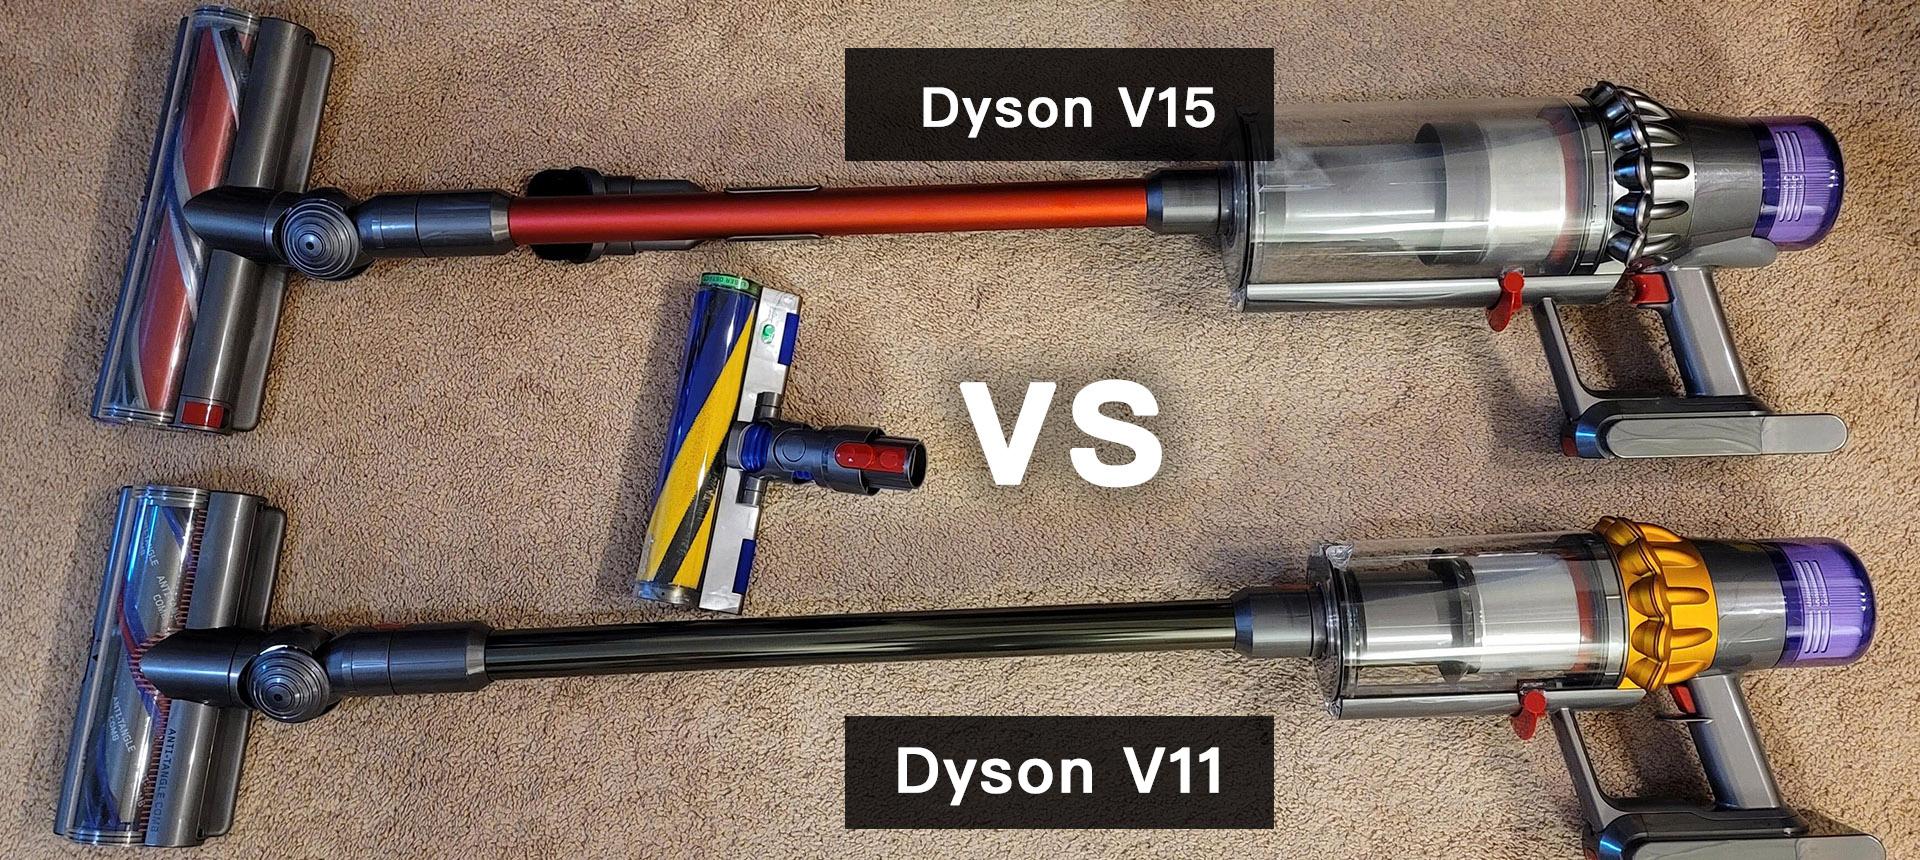 Dyson V15 vs. V11 Vacuum